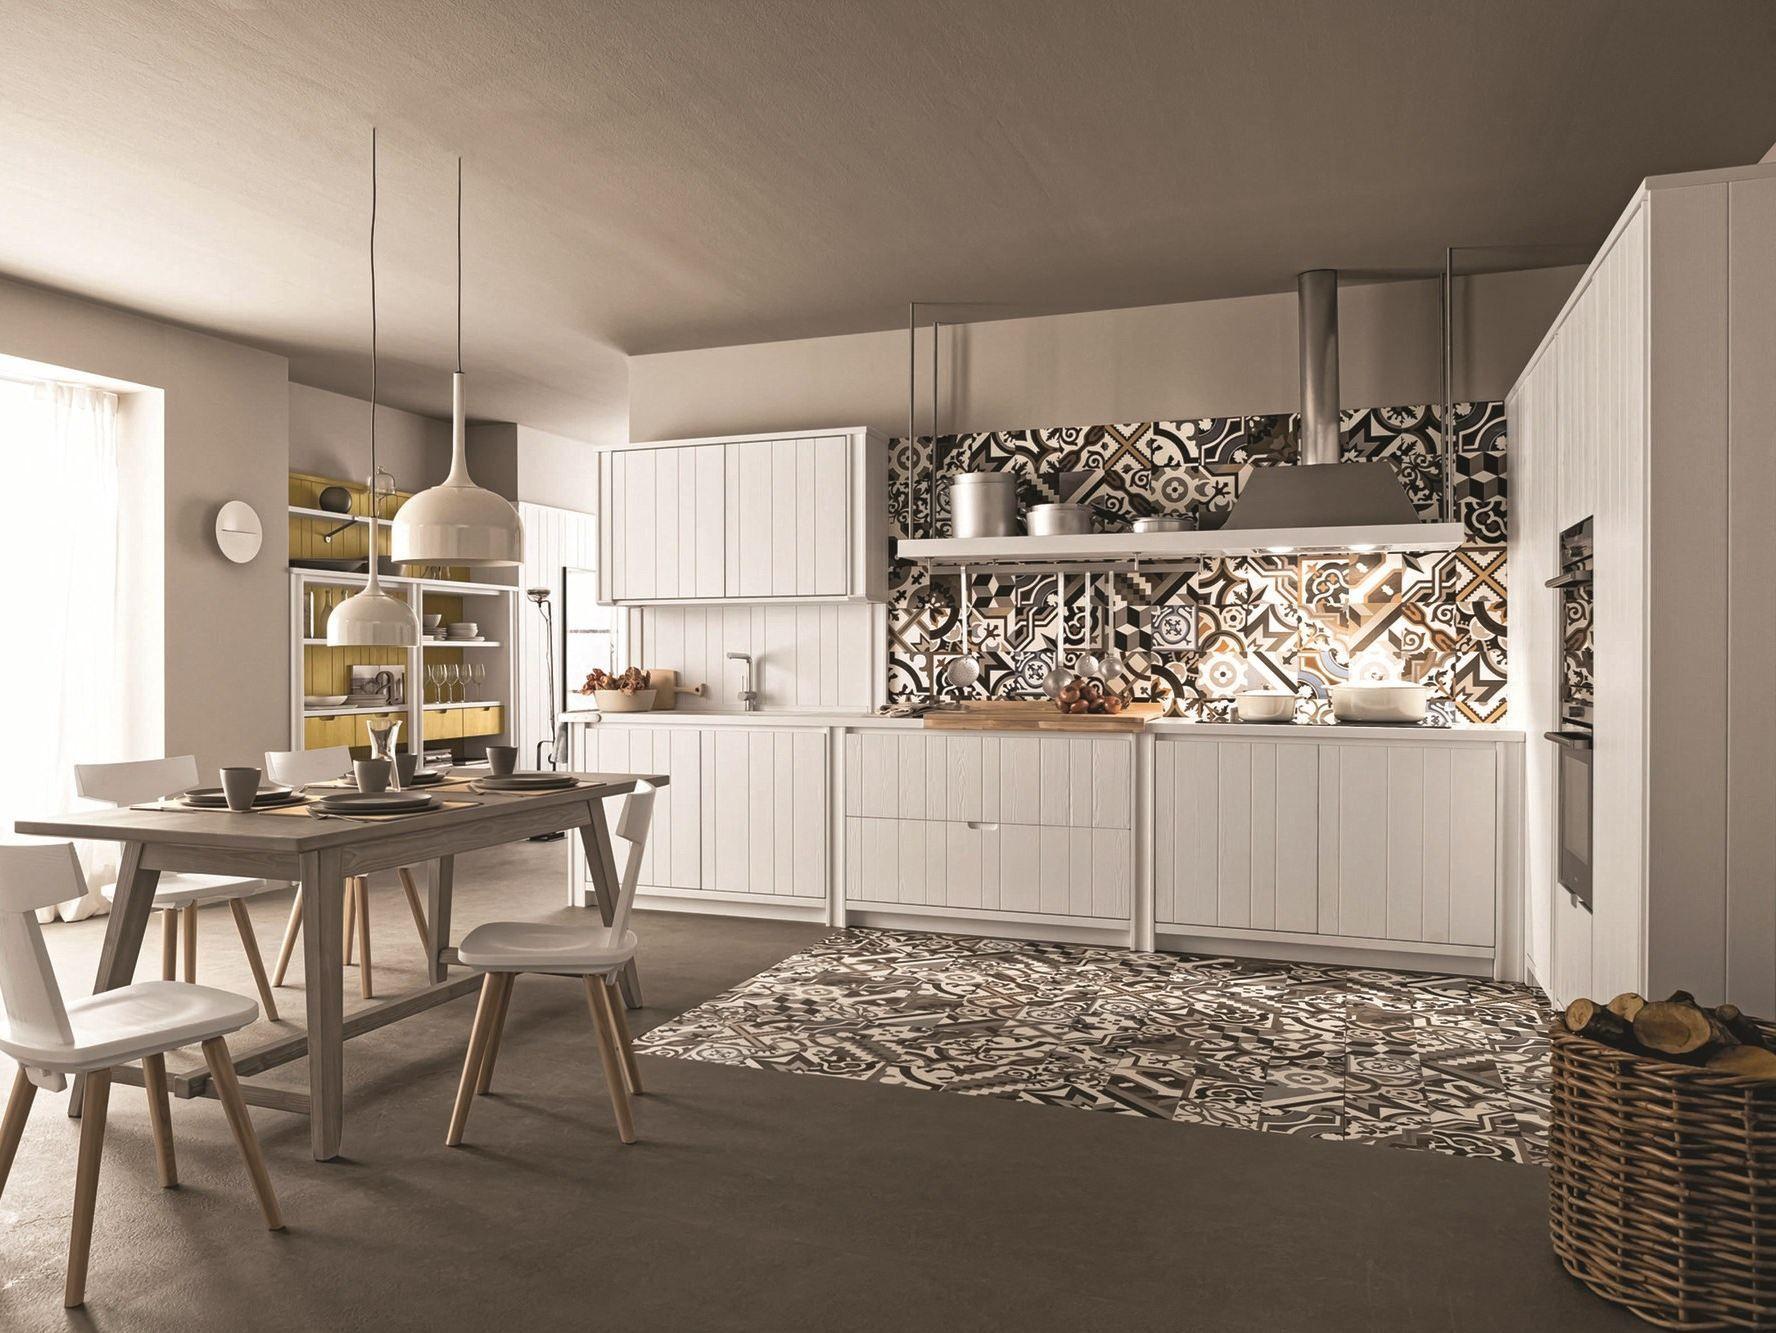 Cucina lineare in abete gesso MAESTRALE 04 Collezione Maestrale by ...